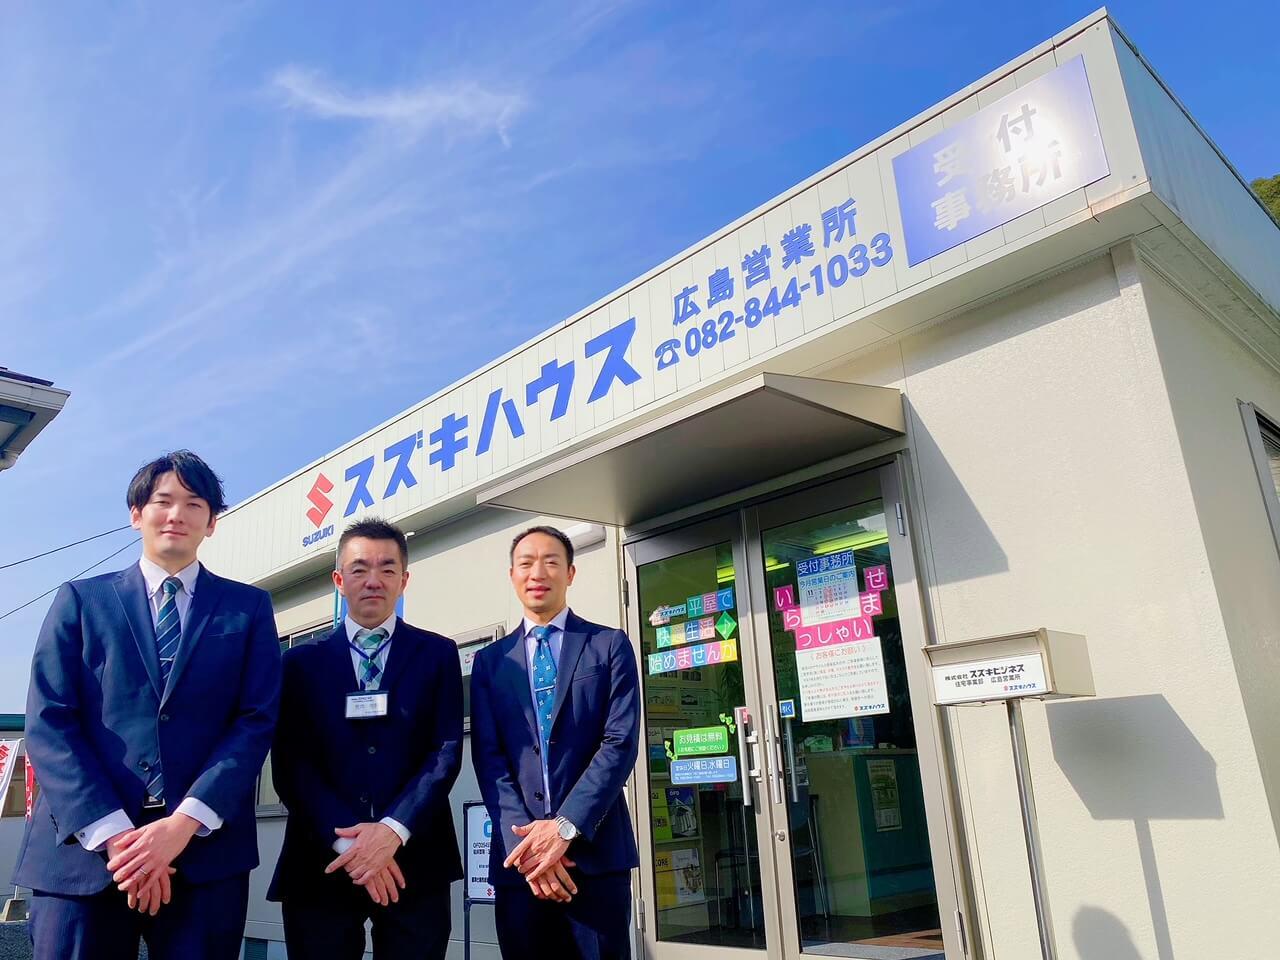 こんにちは!広島営業所です。